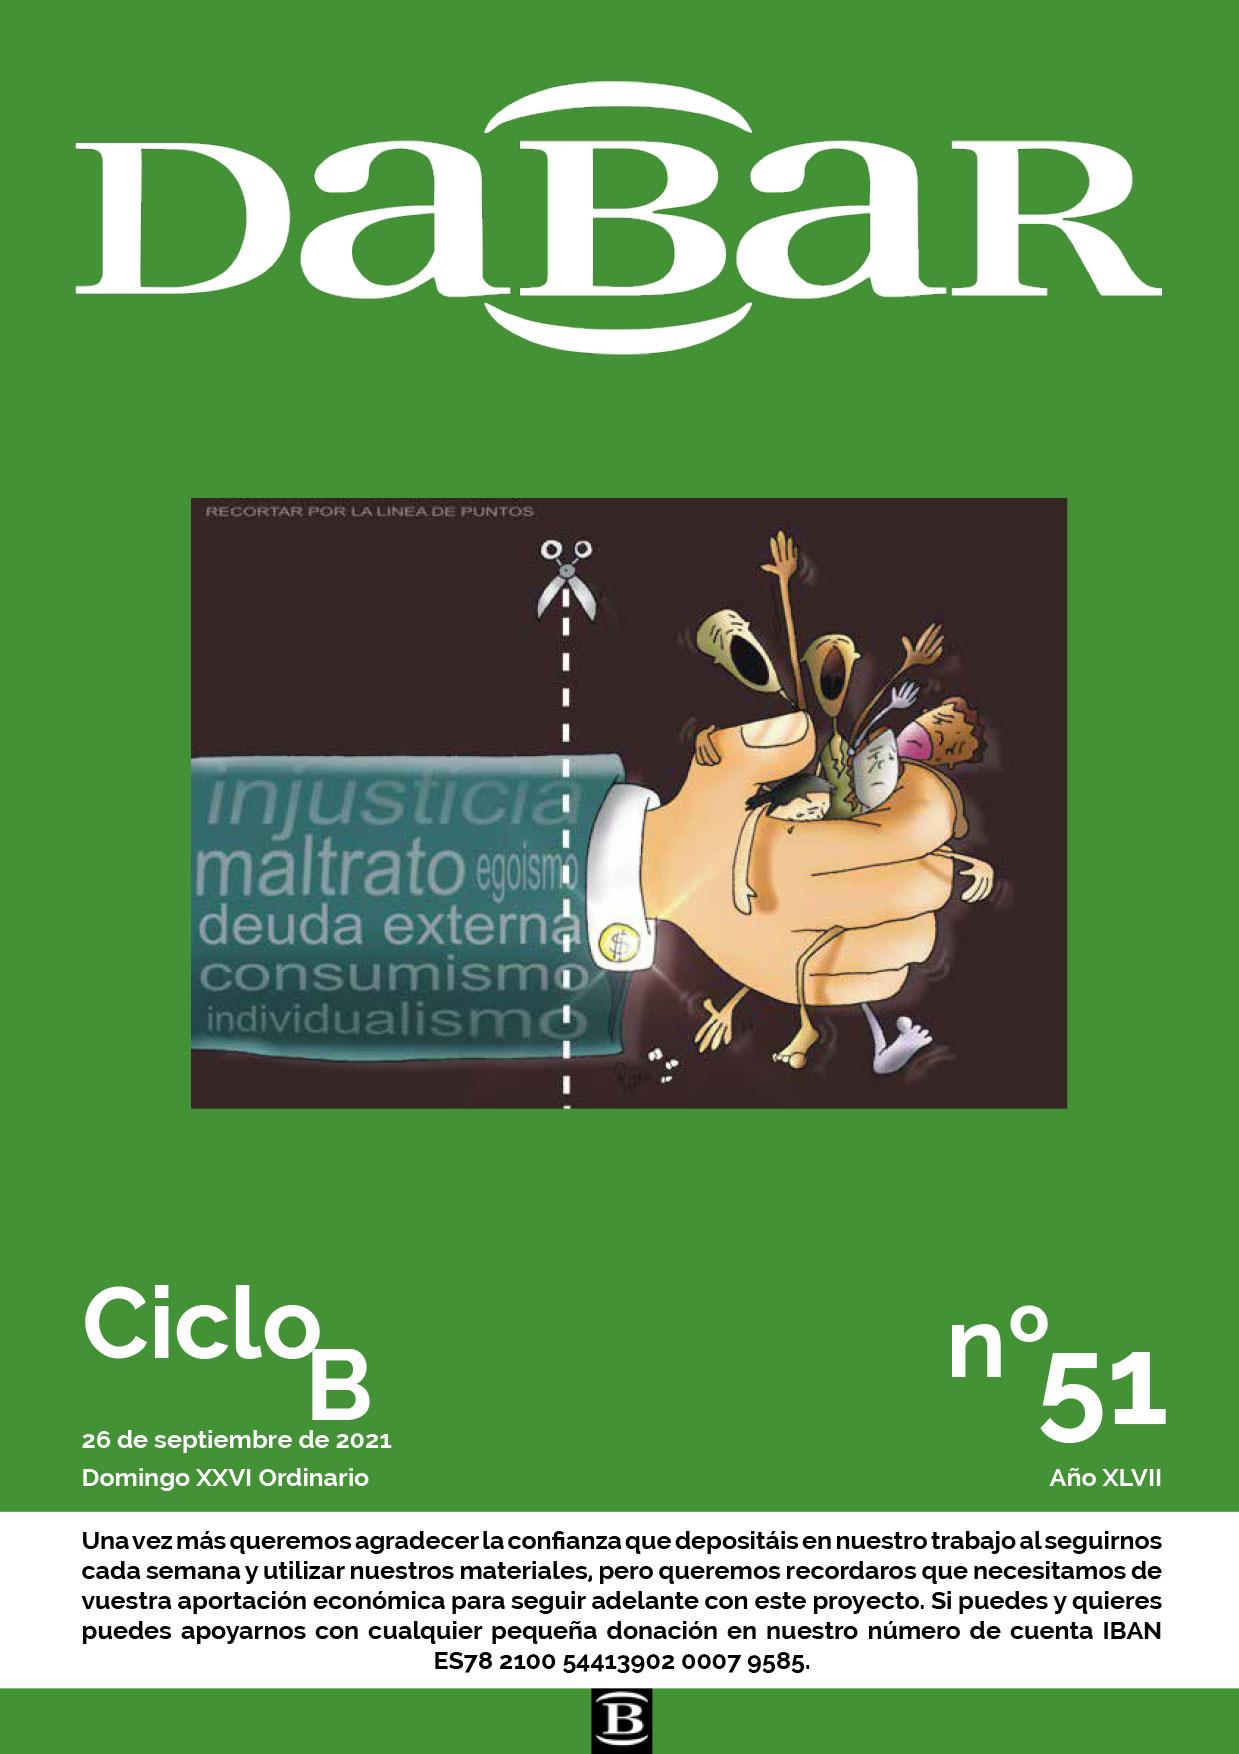 Dabar Revista numero 51 ciclo B